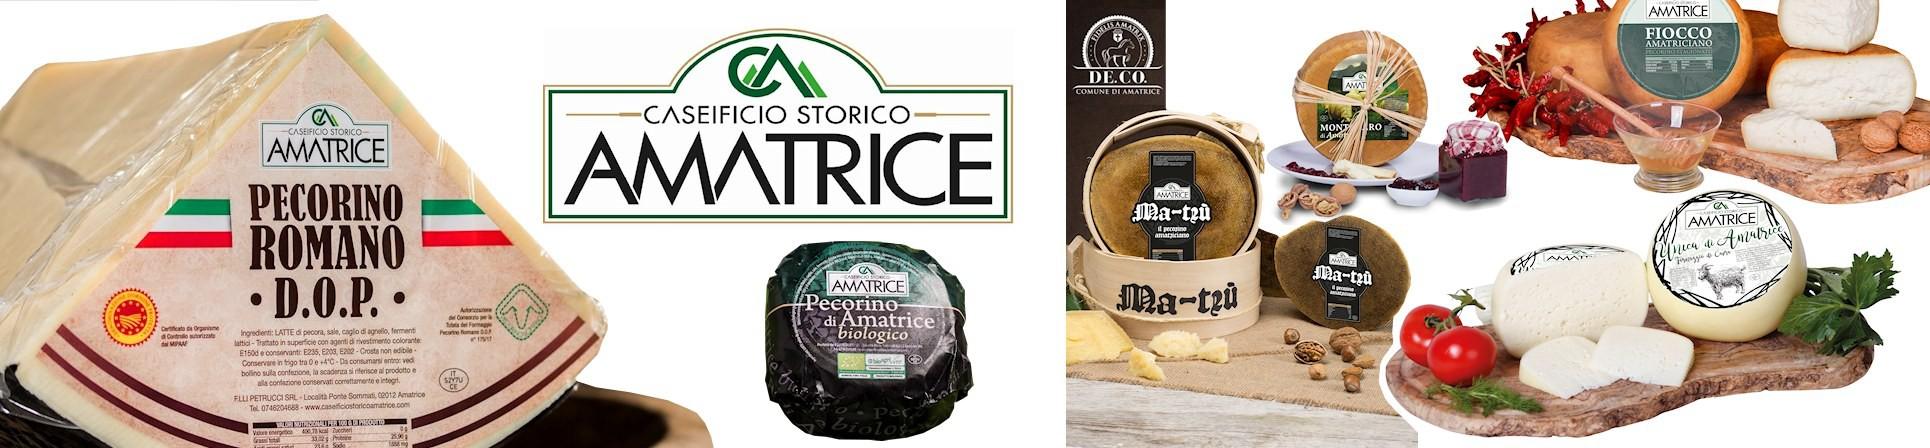 B2B GUSTOX - il Marketplace all'ingrosso delle eccellenze agroalimentari italiane - Caseificio Storico Amatrice